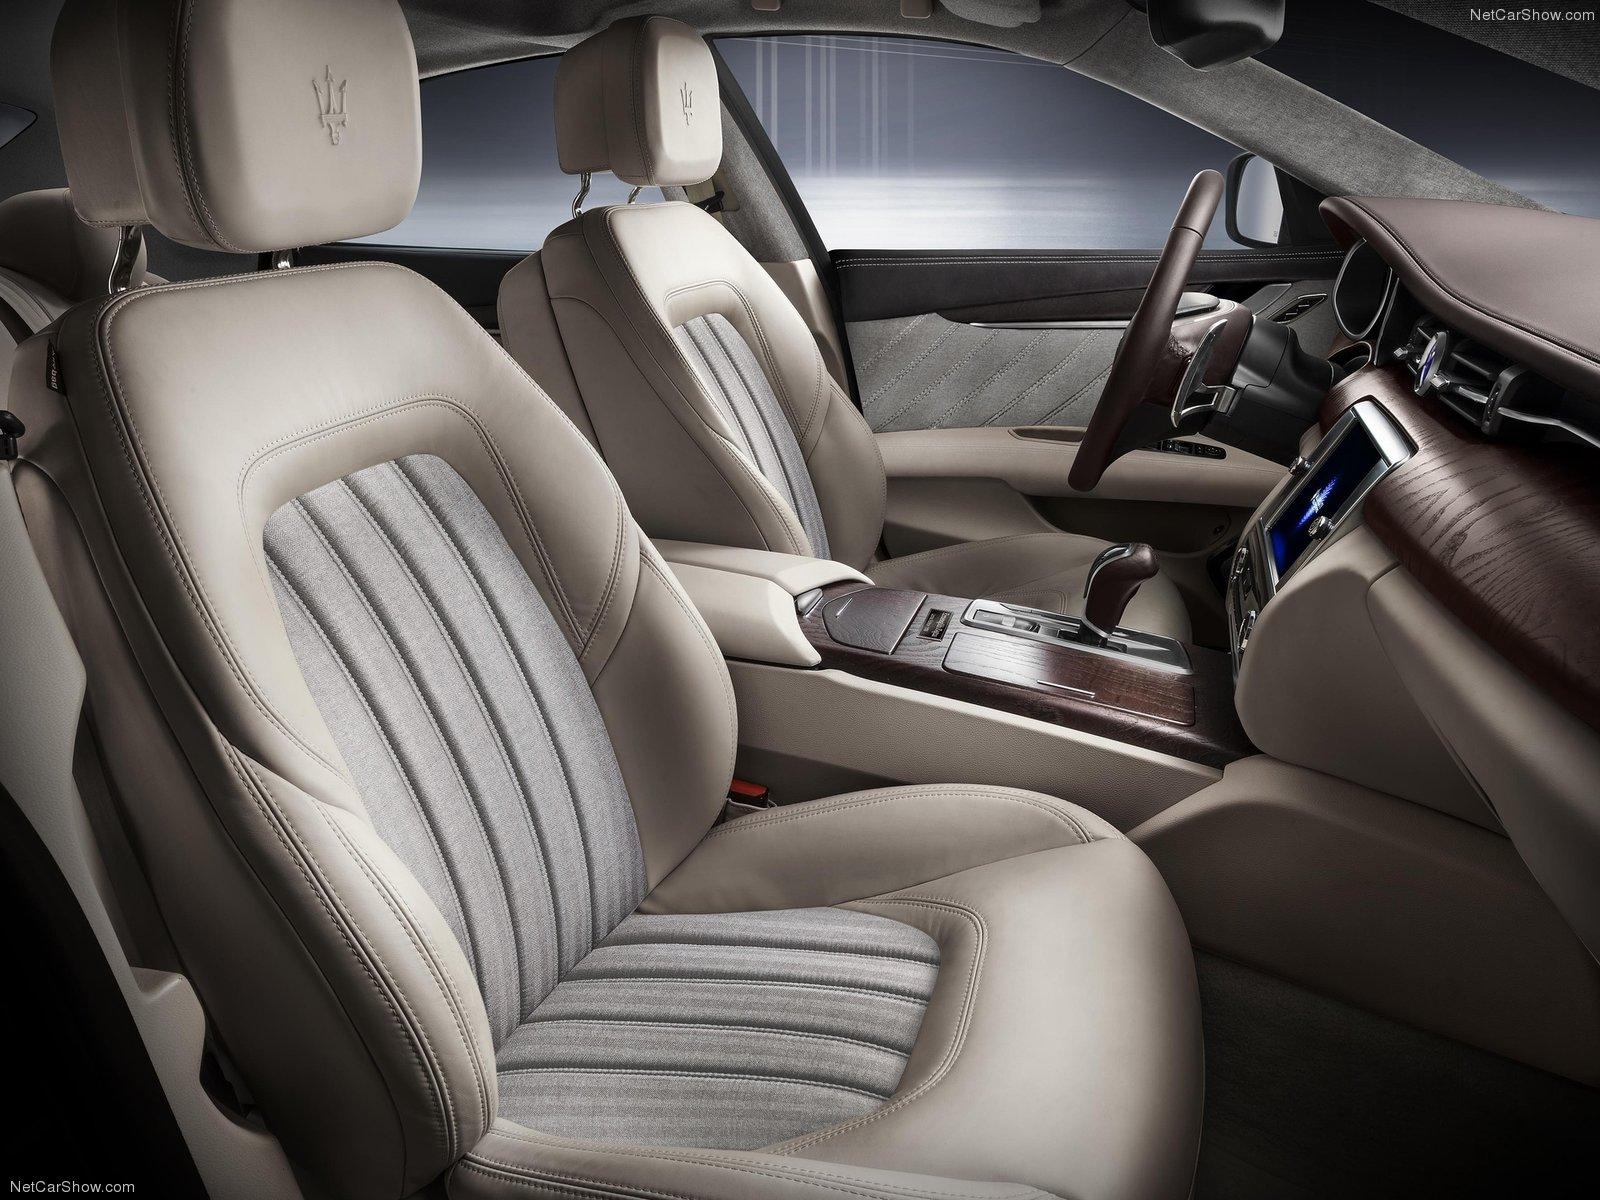 Hình ảnh siêu xe Maserati Quattroporte Zegna Edition Concept 2013 & nội ngoại thất